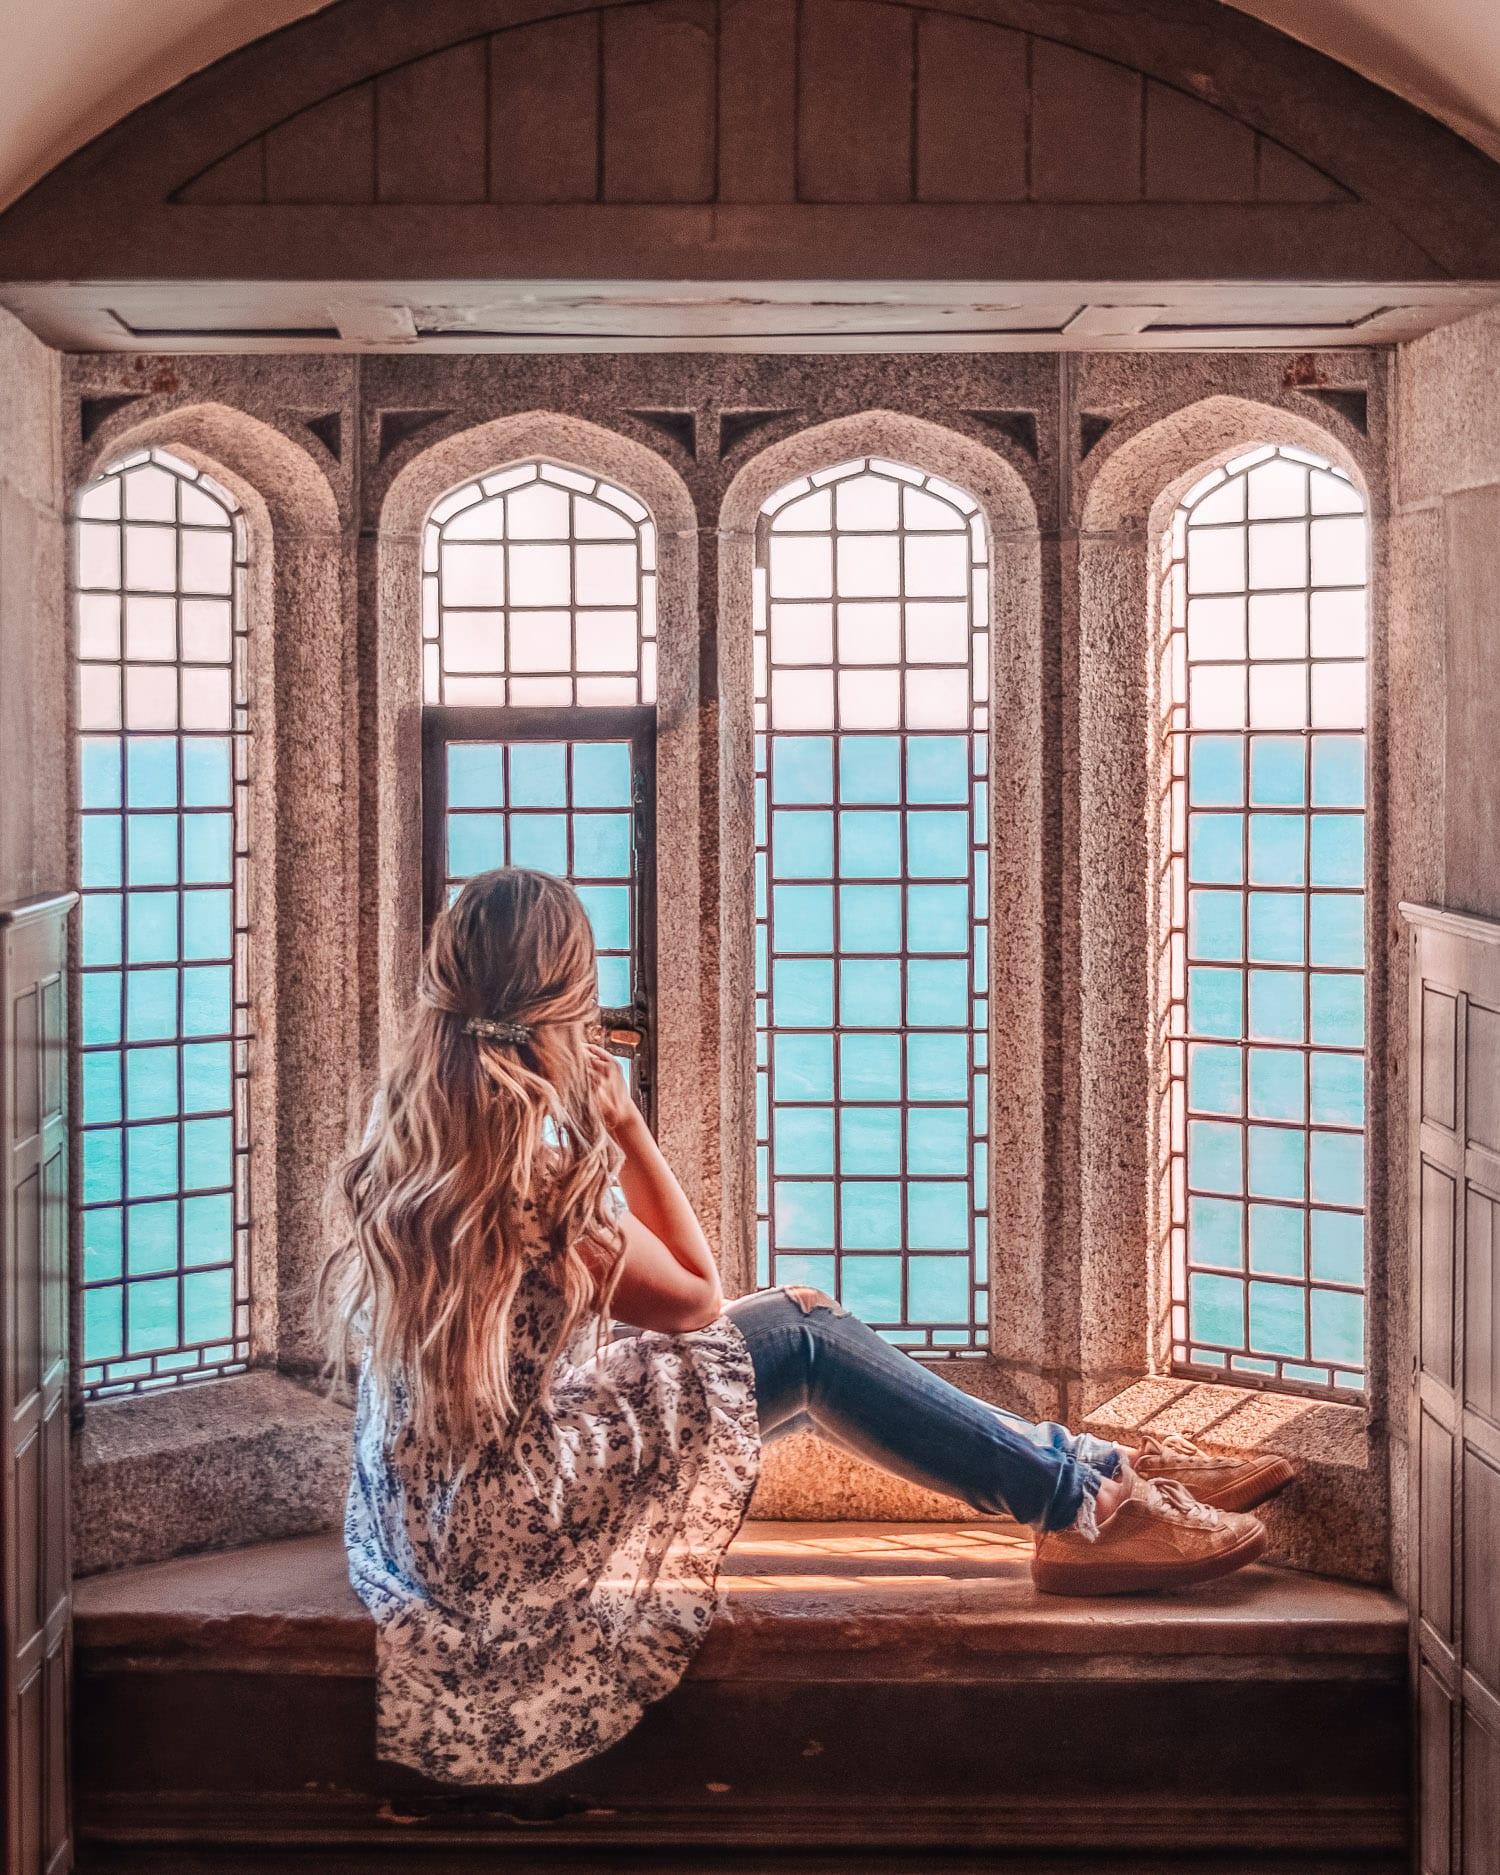 Vy från slottsfönster - St. Michael's Mount, Cornwall, England